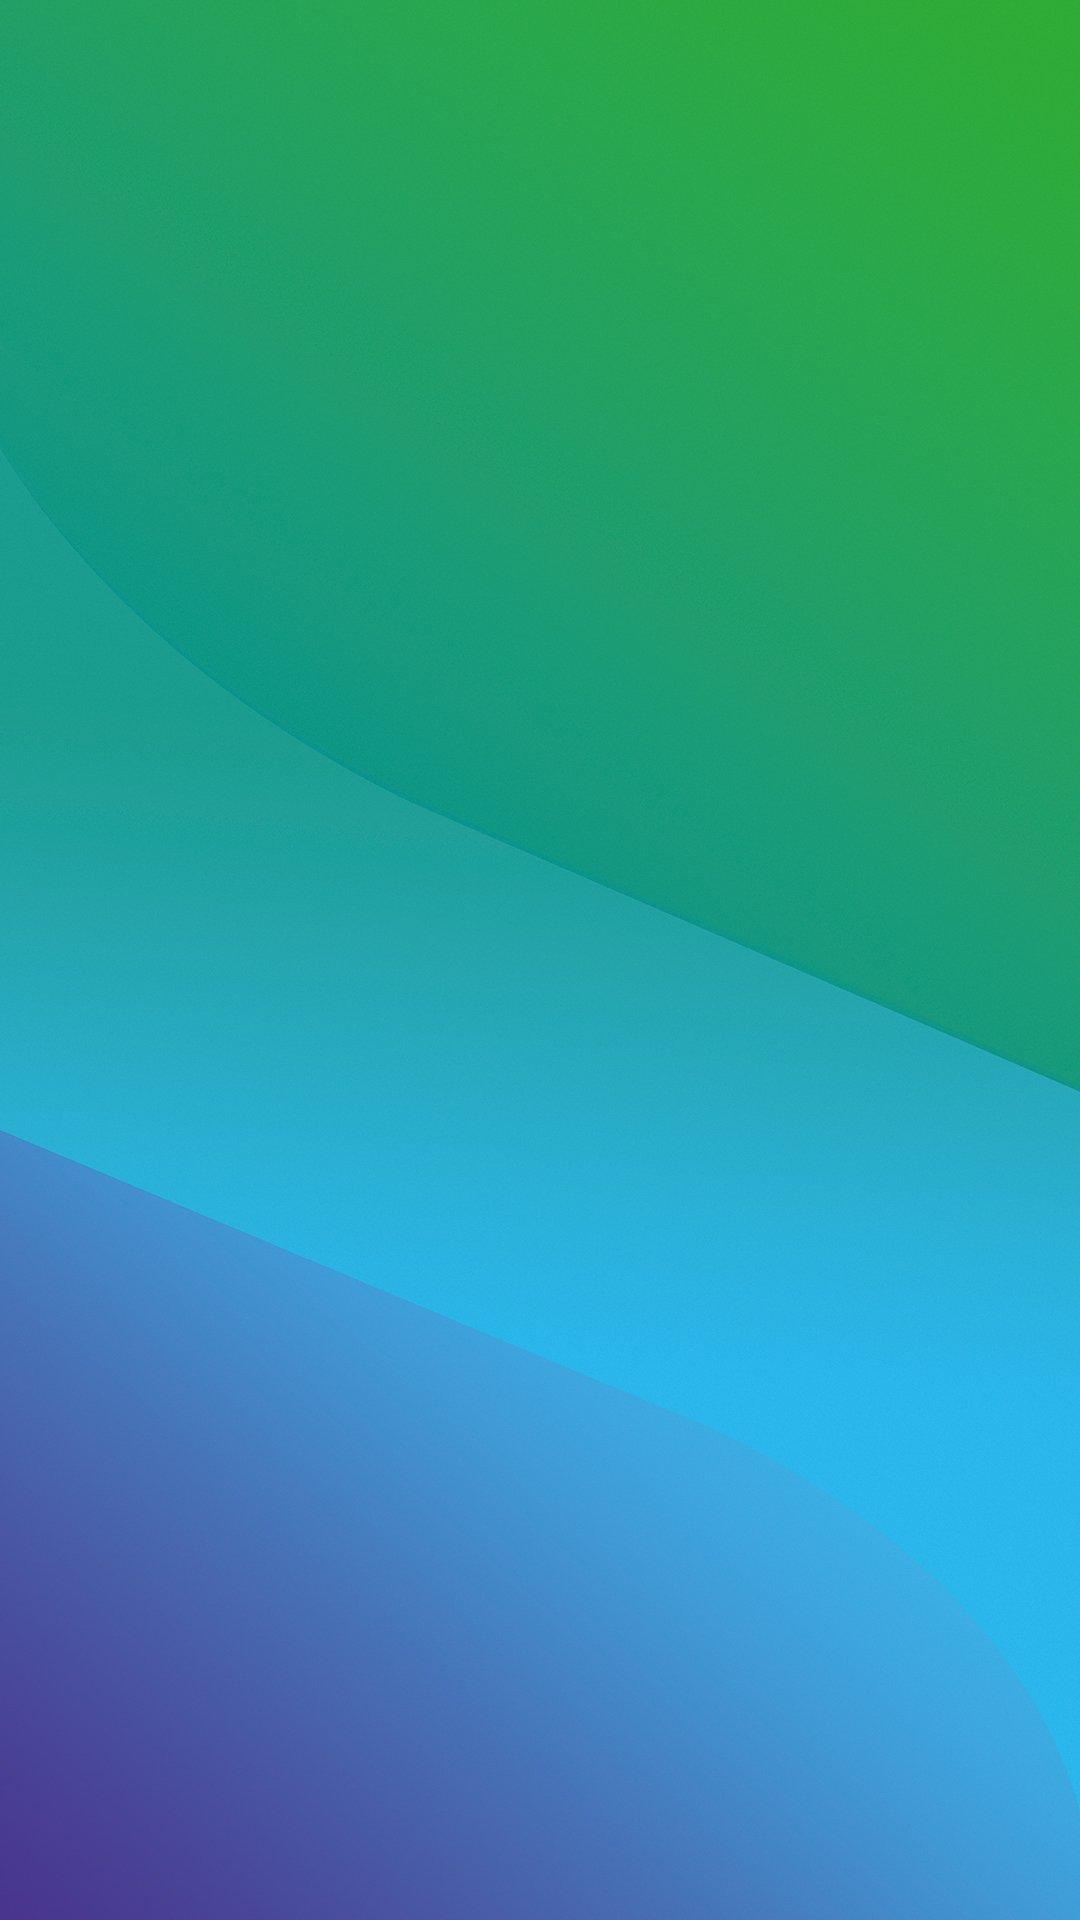 oppo-r9-wallpaper-004